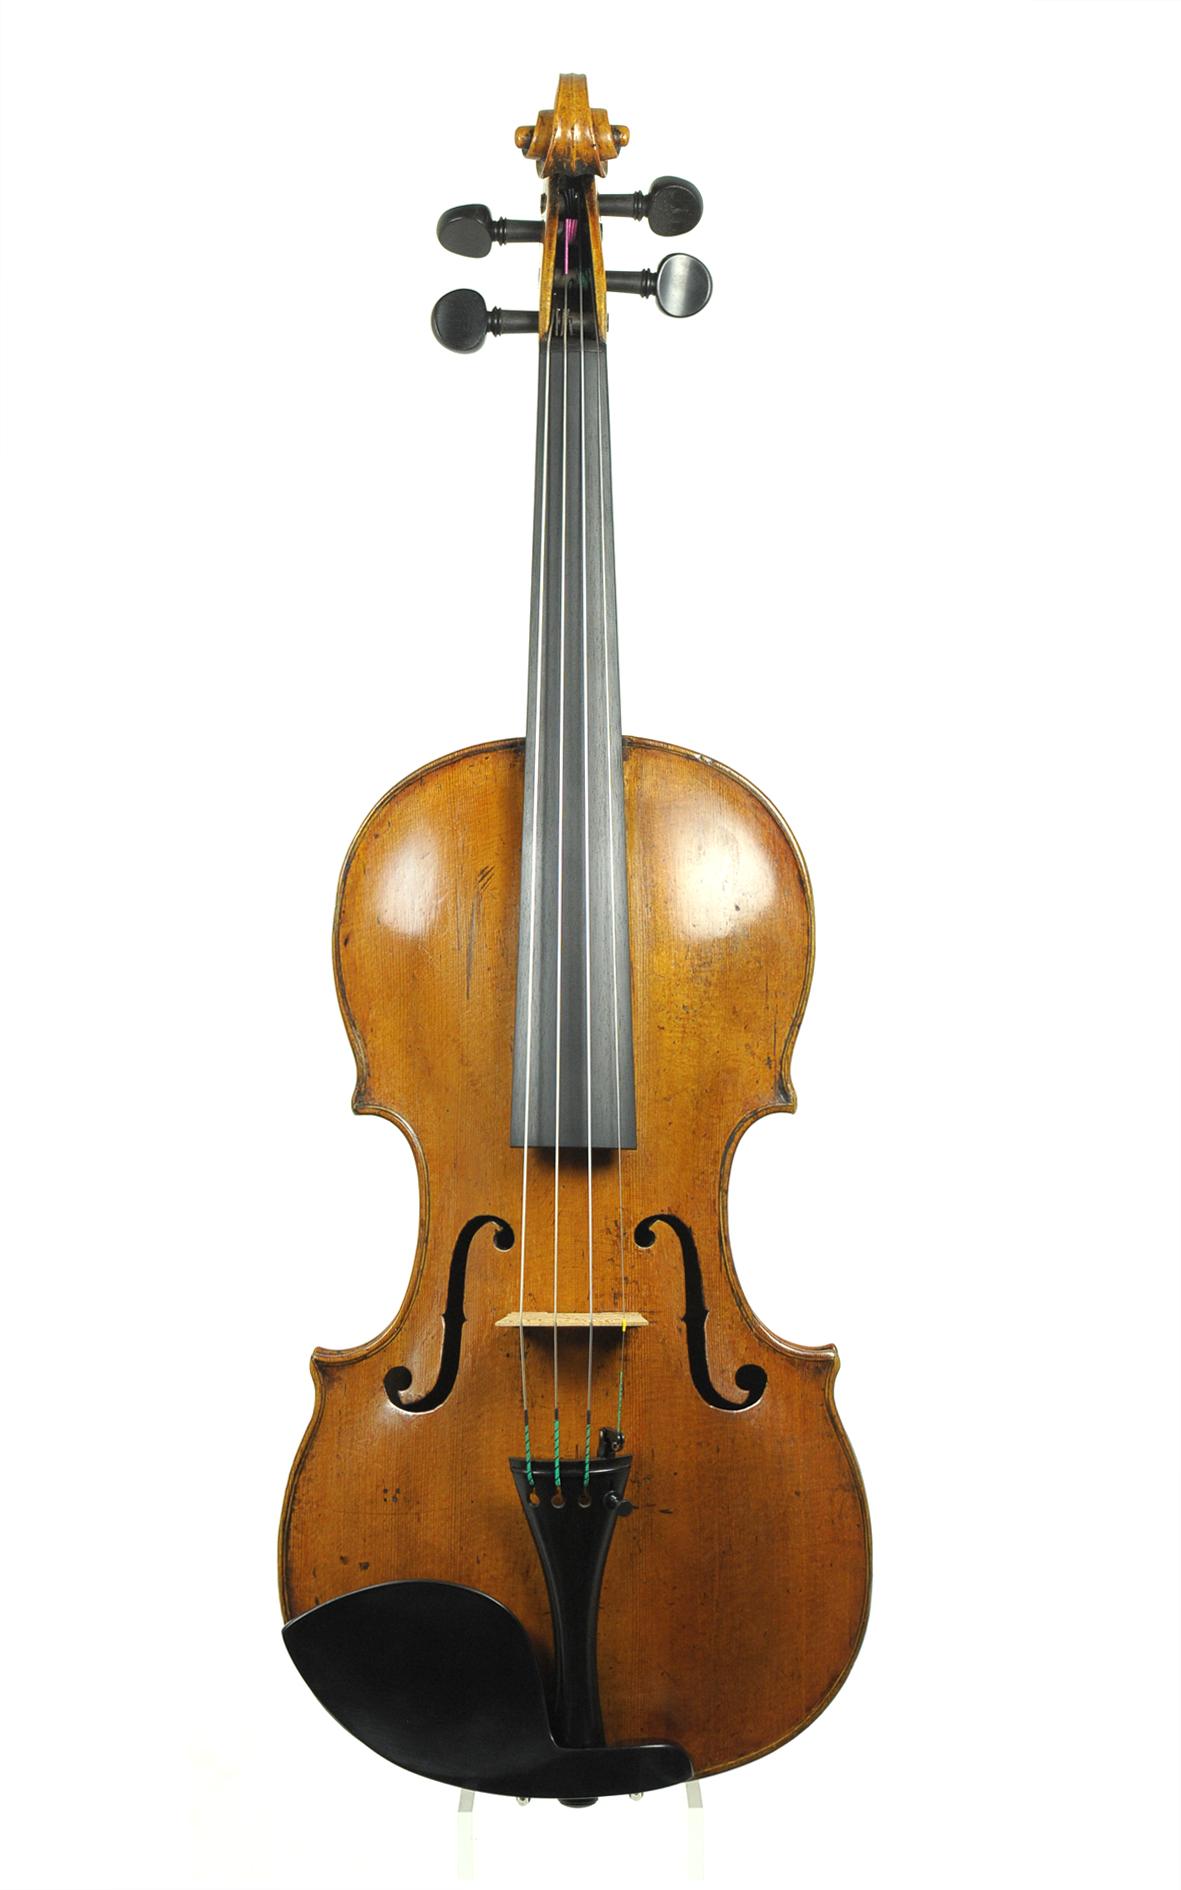 Johann Gottlob Ficker, Markneukirchen - Violine um 1800